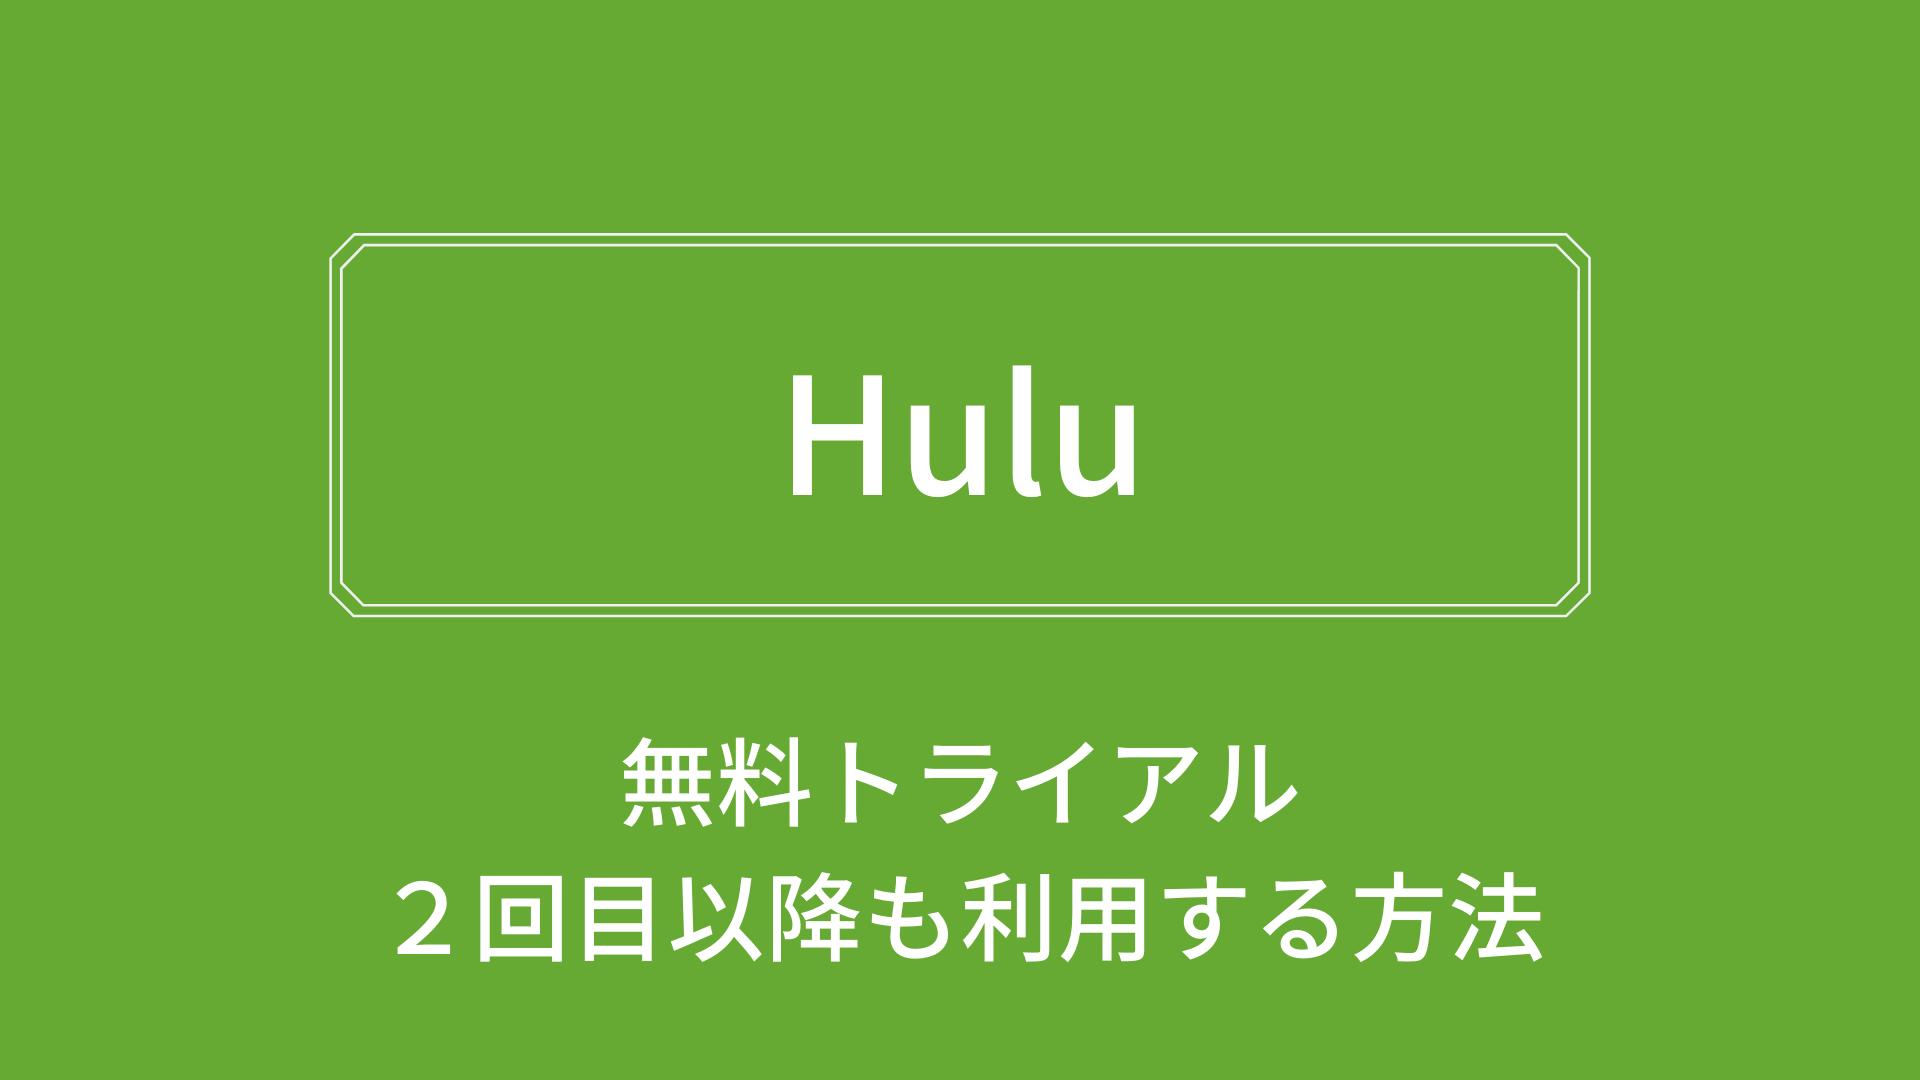 Hulu無料トライアルは2回目でも利用できる?再契約方法を解説!